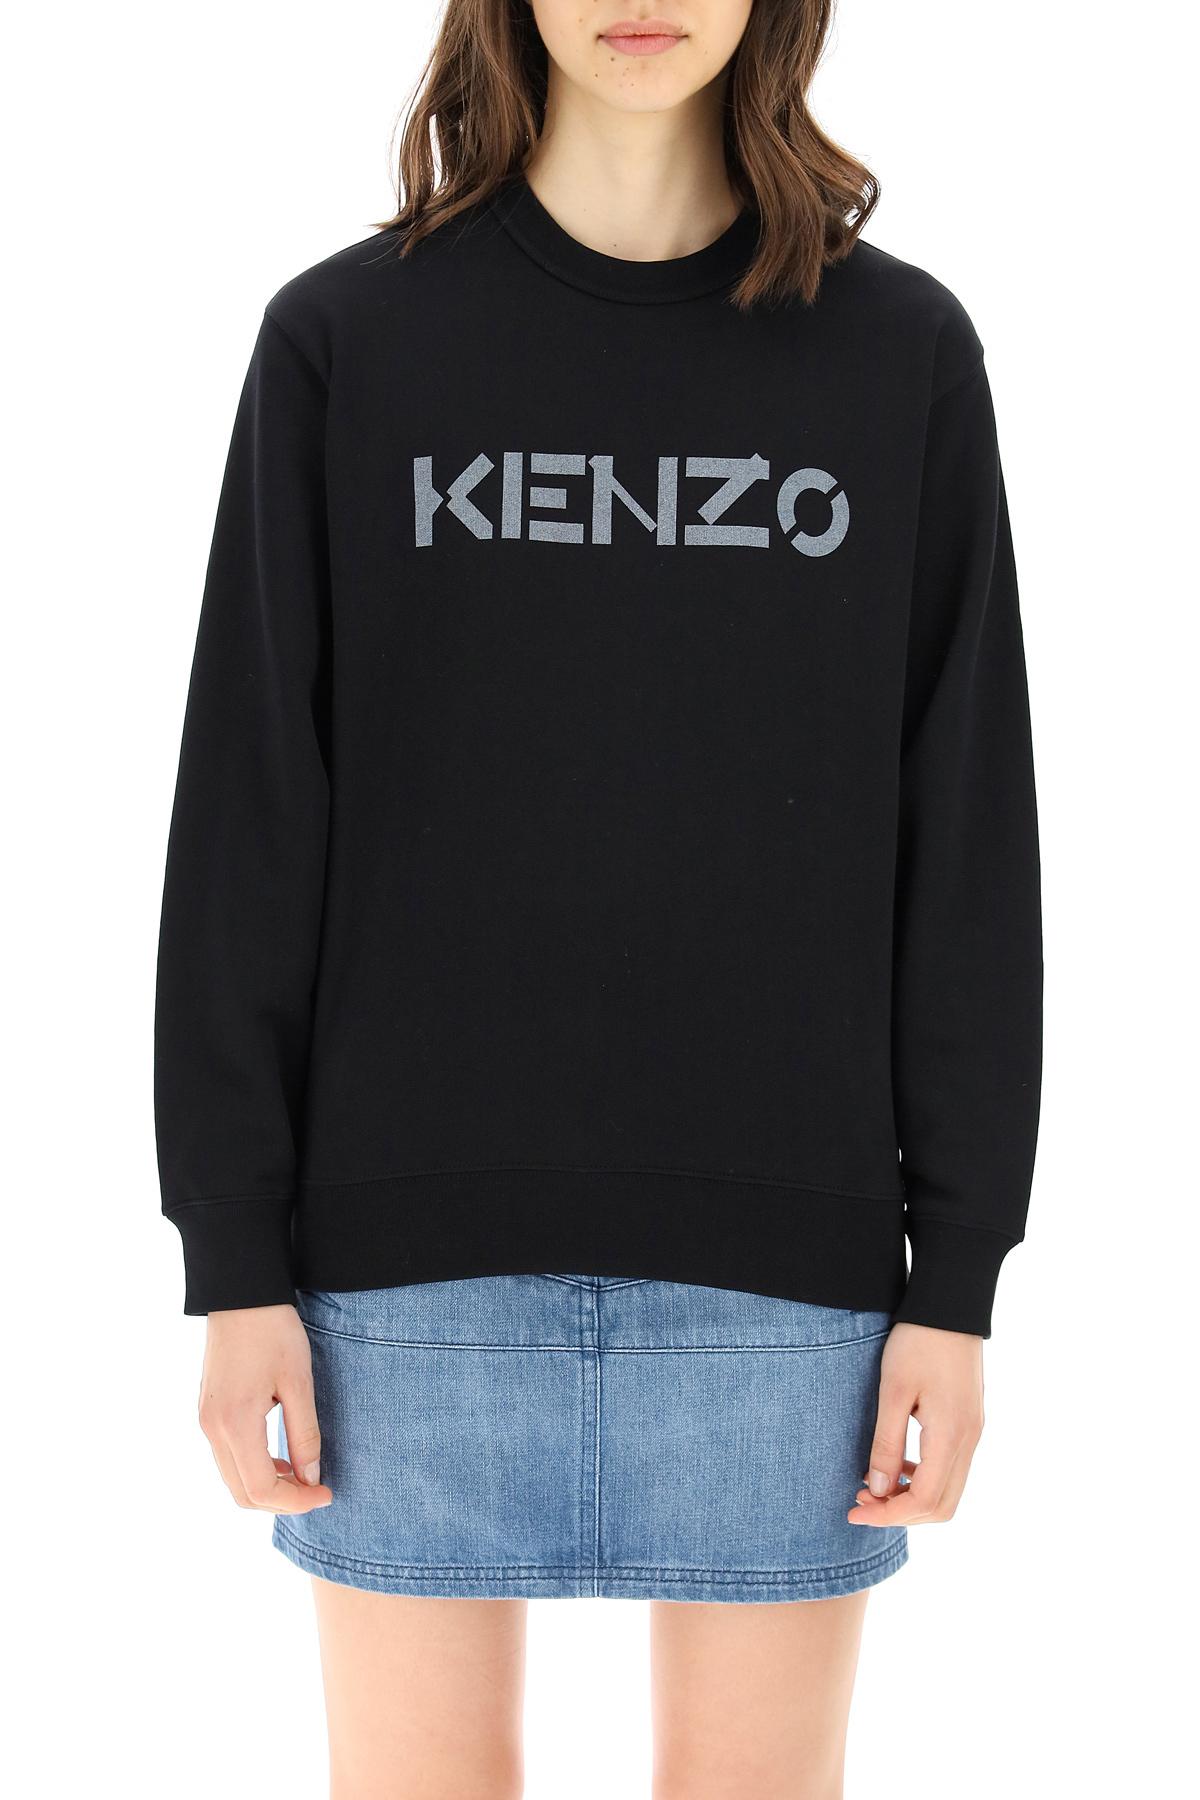 Kenzo felpa a girocollo con logo